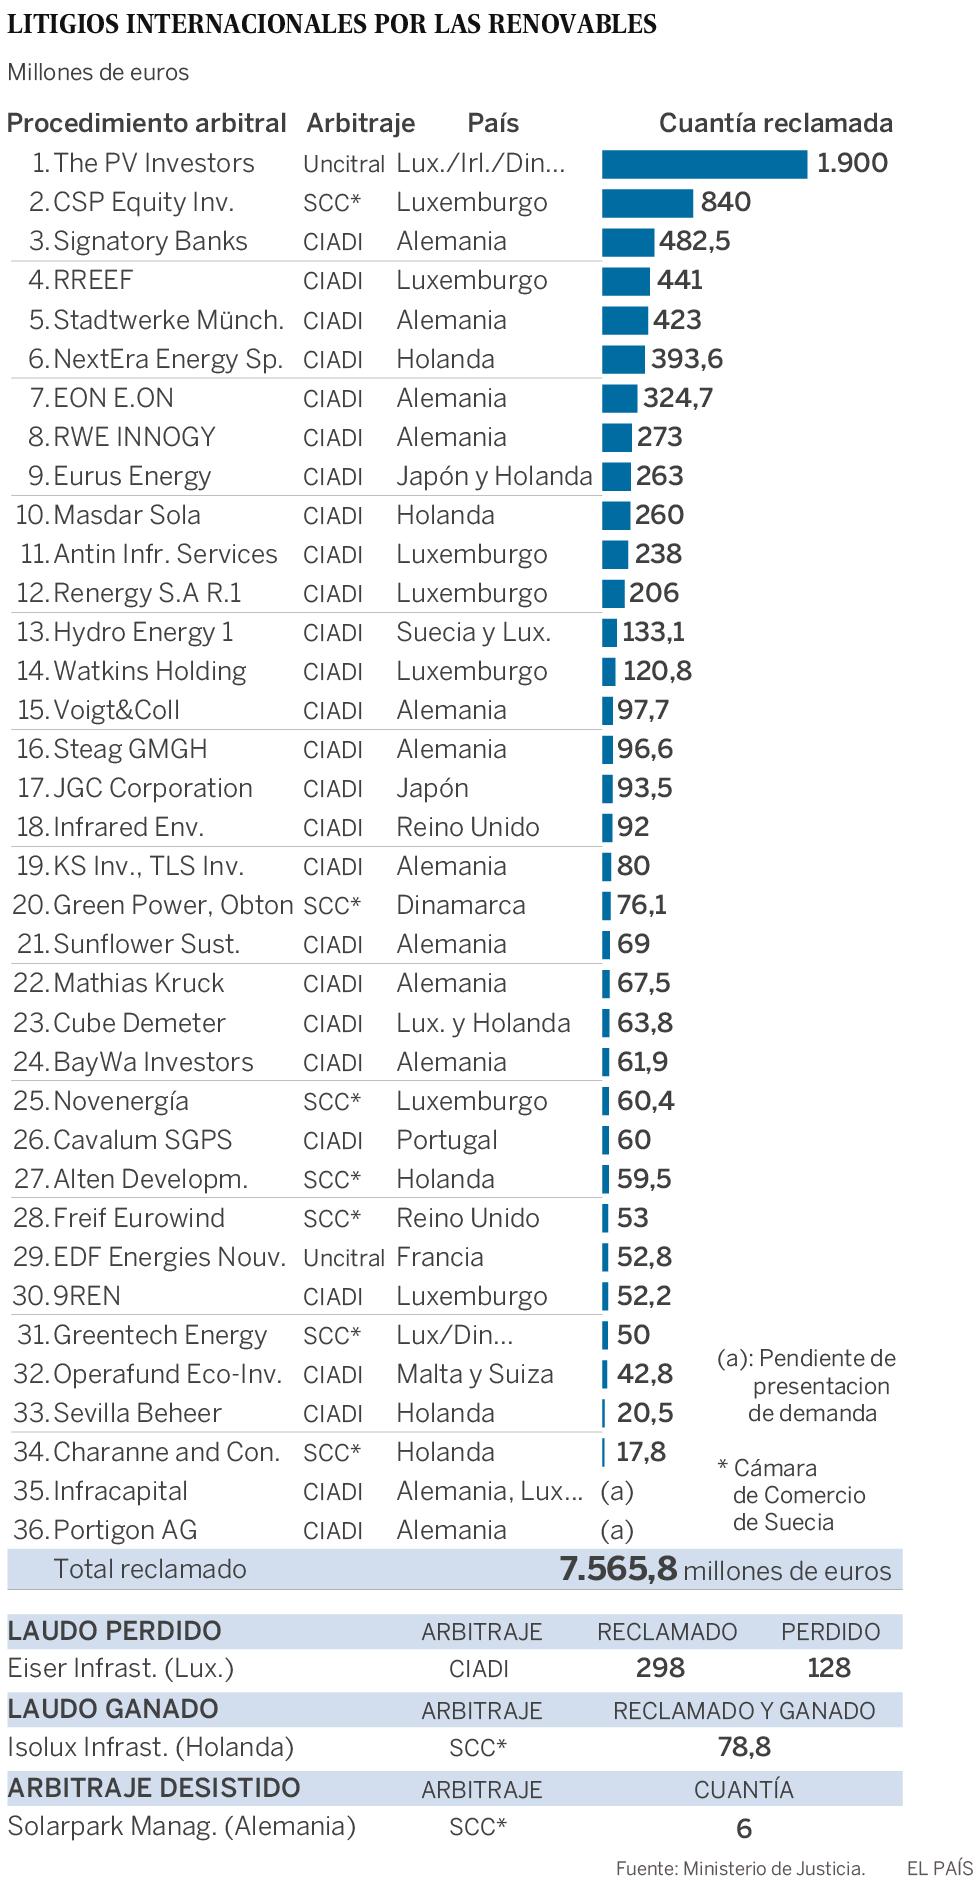 Los fondos extranjeros reclaman 7.566 millones por las primas de las renovables